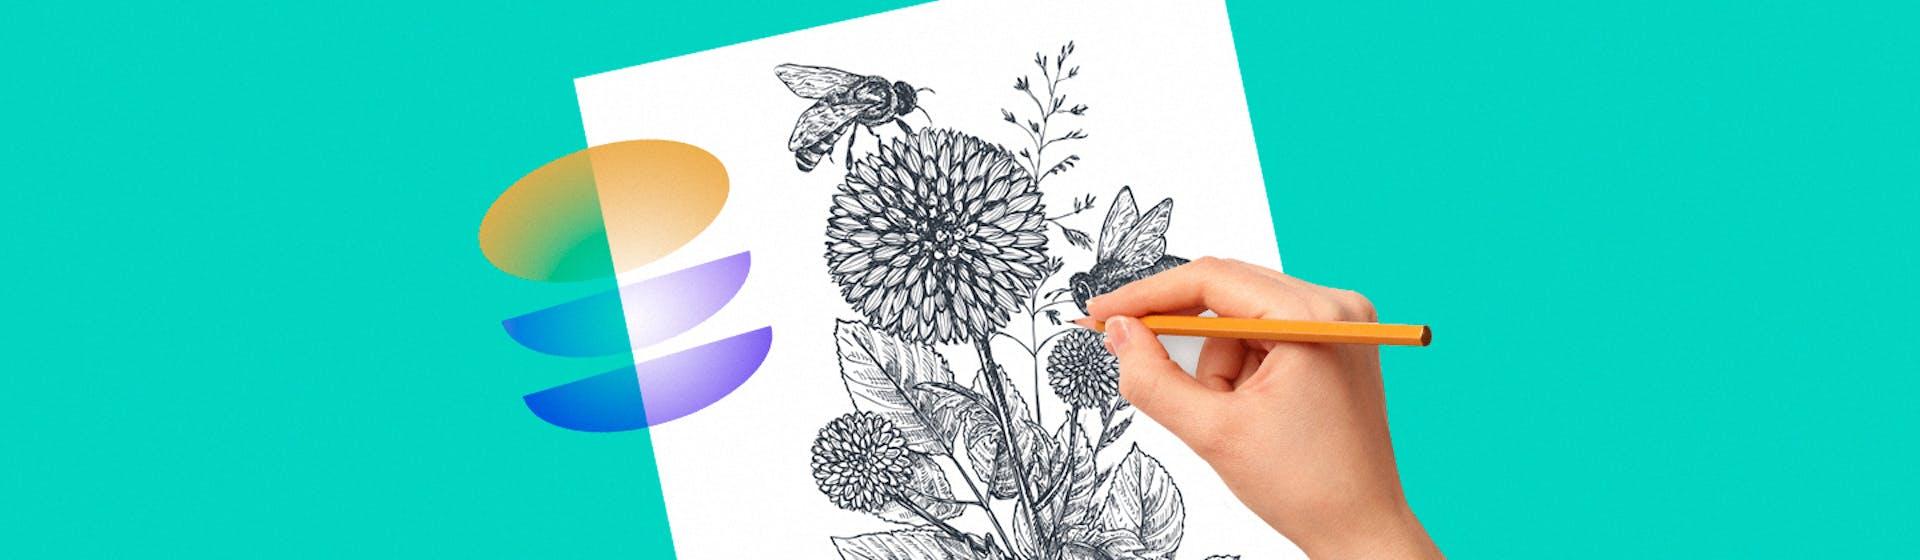 ¿Cómo aprender a dibujar a lápiz? 10 pasos para comenzar a dibujar